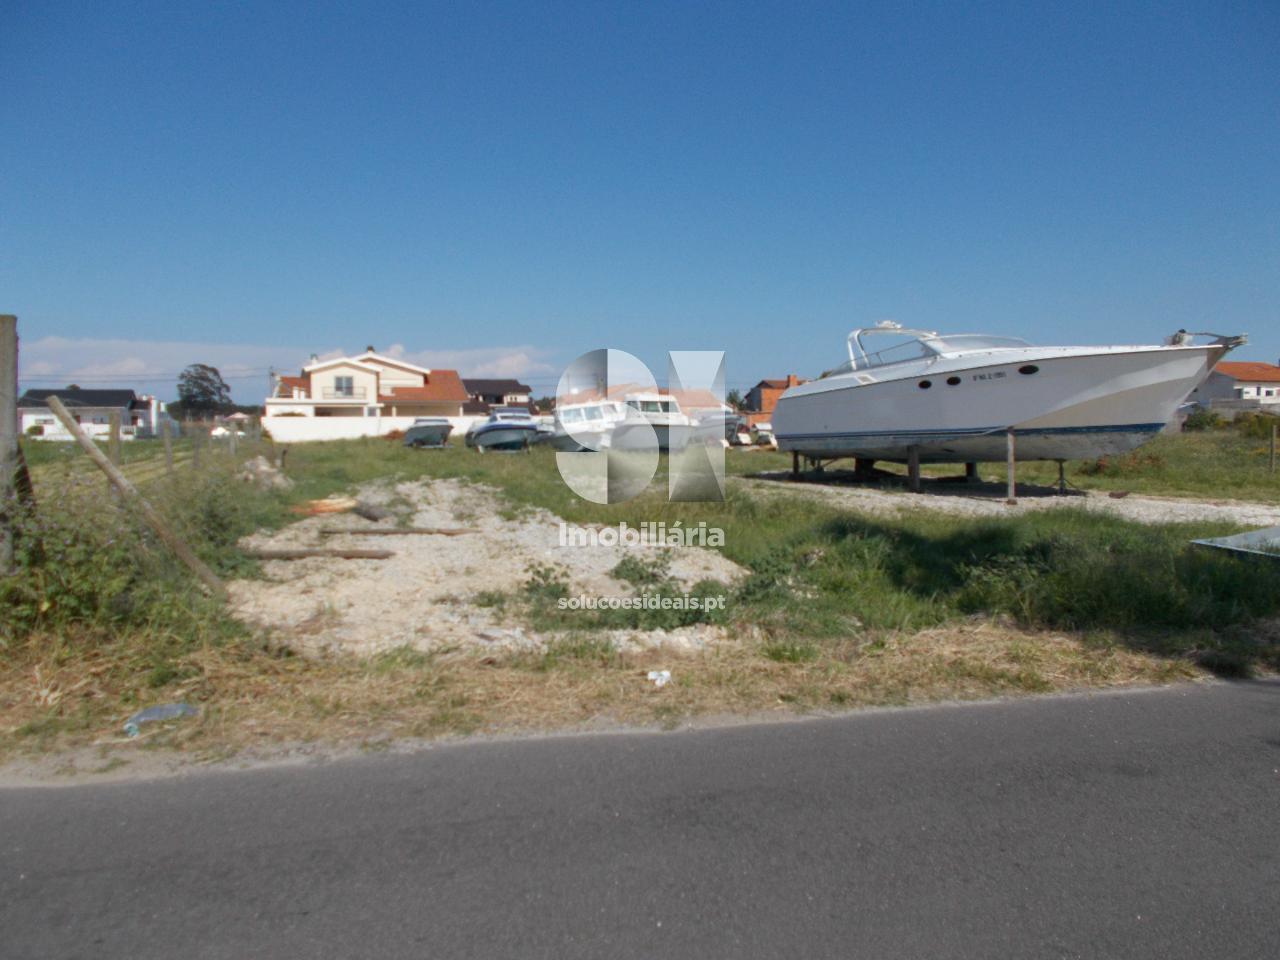 terreno para compra em ilhavo gafanha da encarnacao AVGDG1455